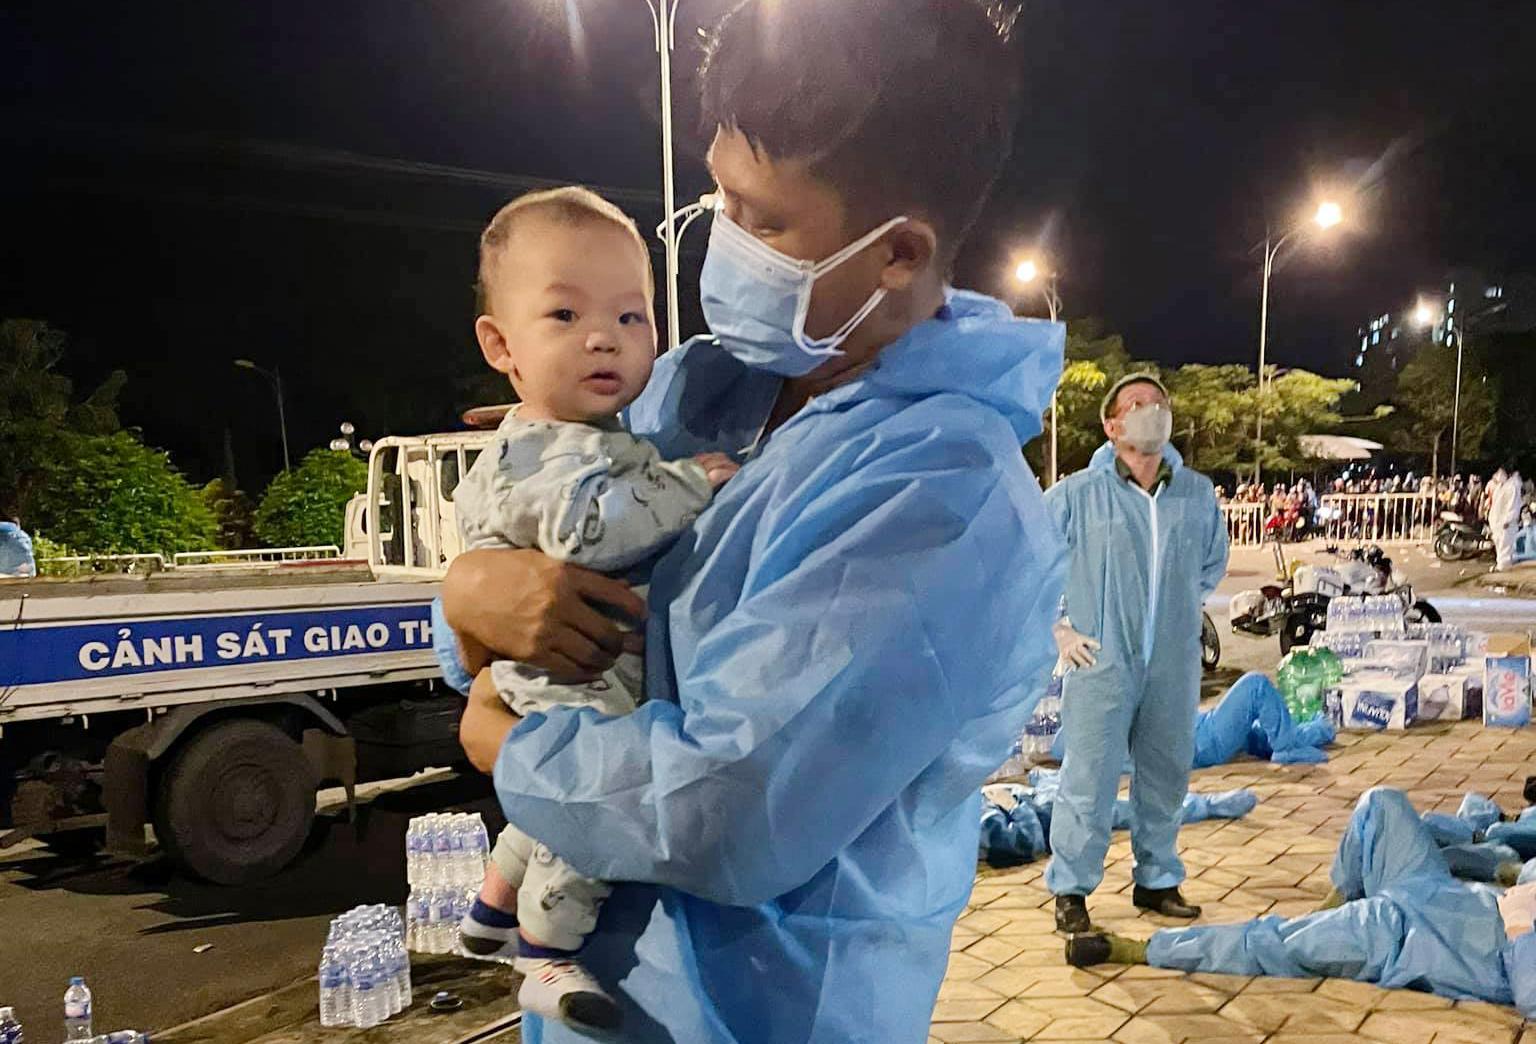 Vịnh làm bảo mẫu bất đắc dĩ cho một em bé bị lạc mẹ tại điểm trường Đại học An Giang, rạng sáng 2/10. Ảnh: Nhân vật cung cấp.